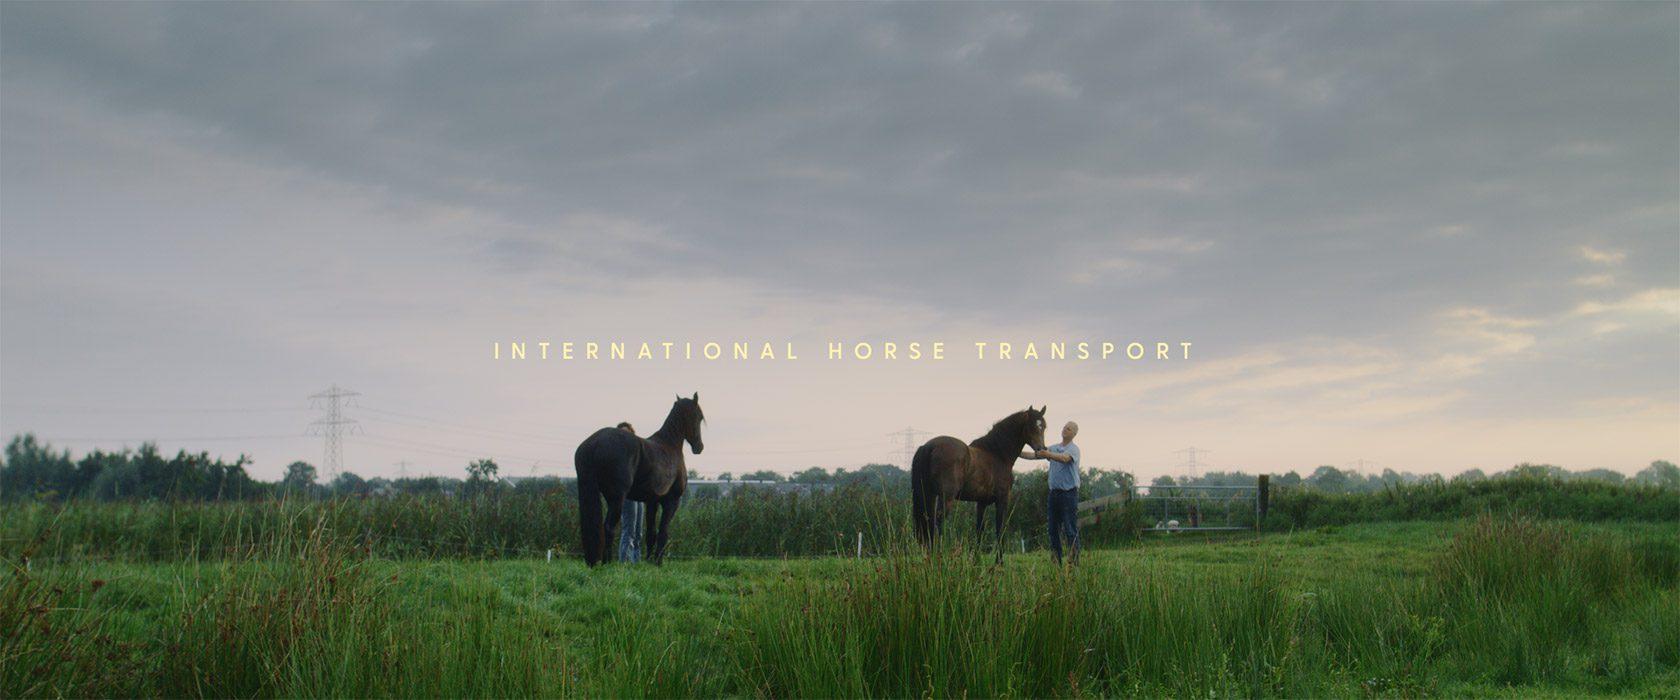 film_still_horses8_1680x700